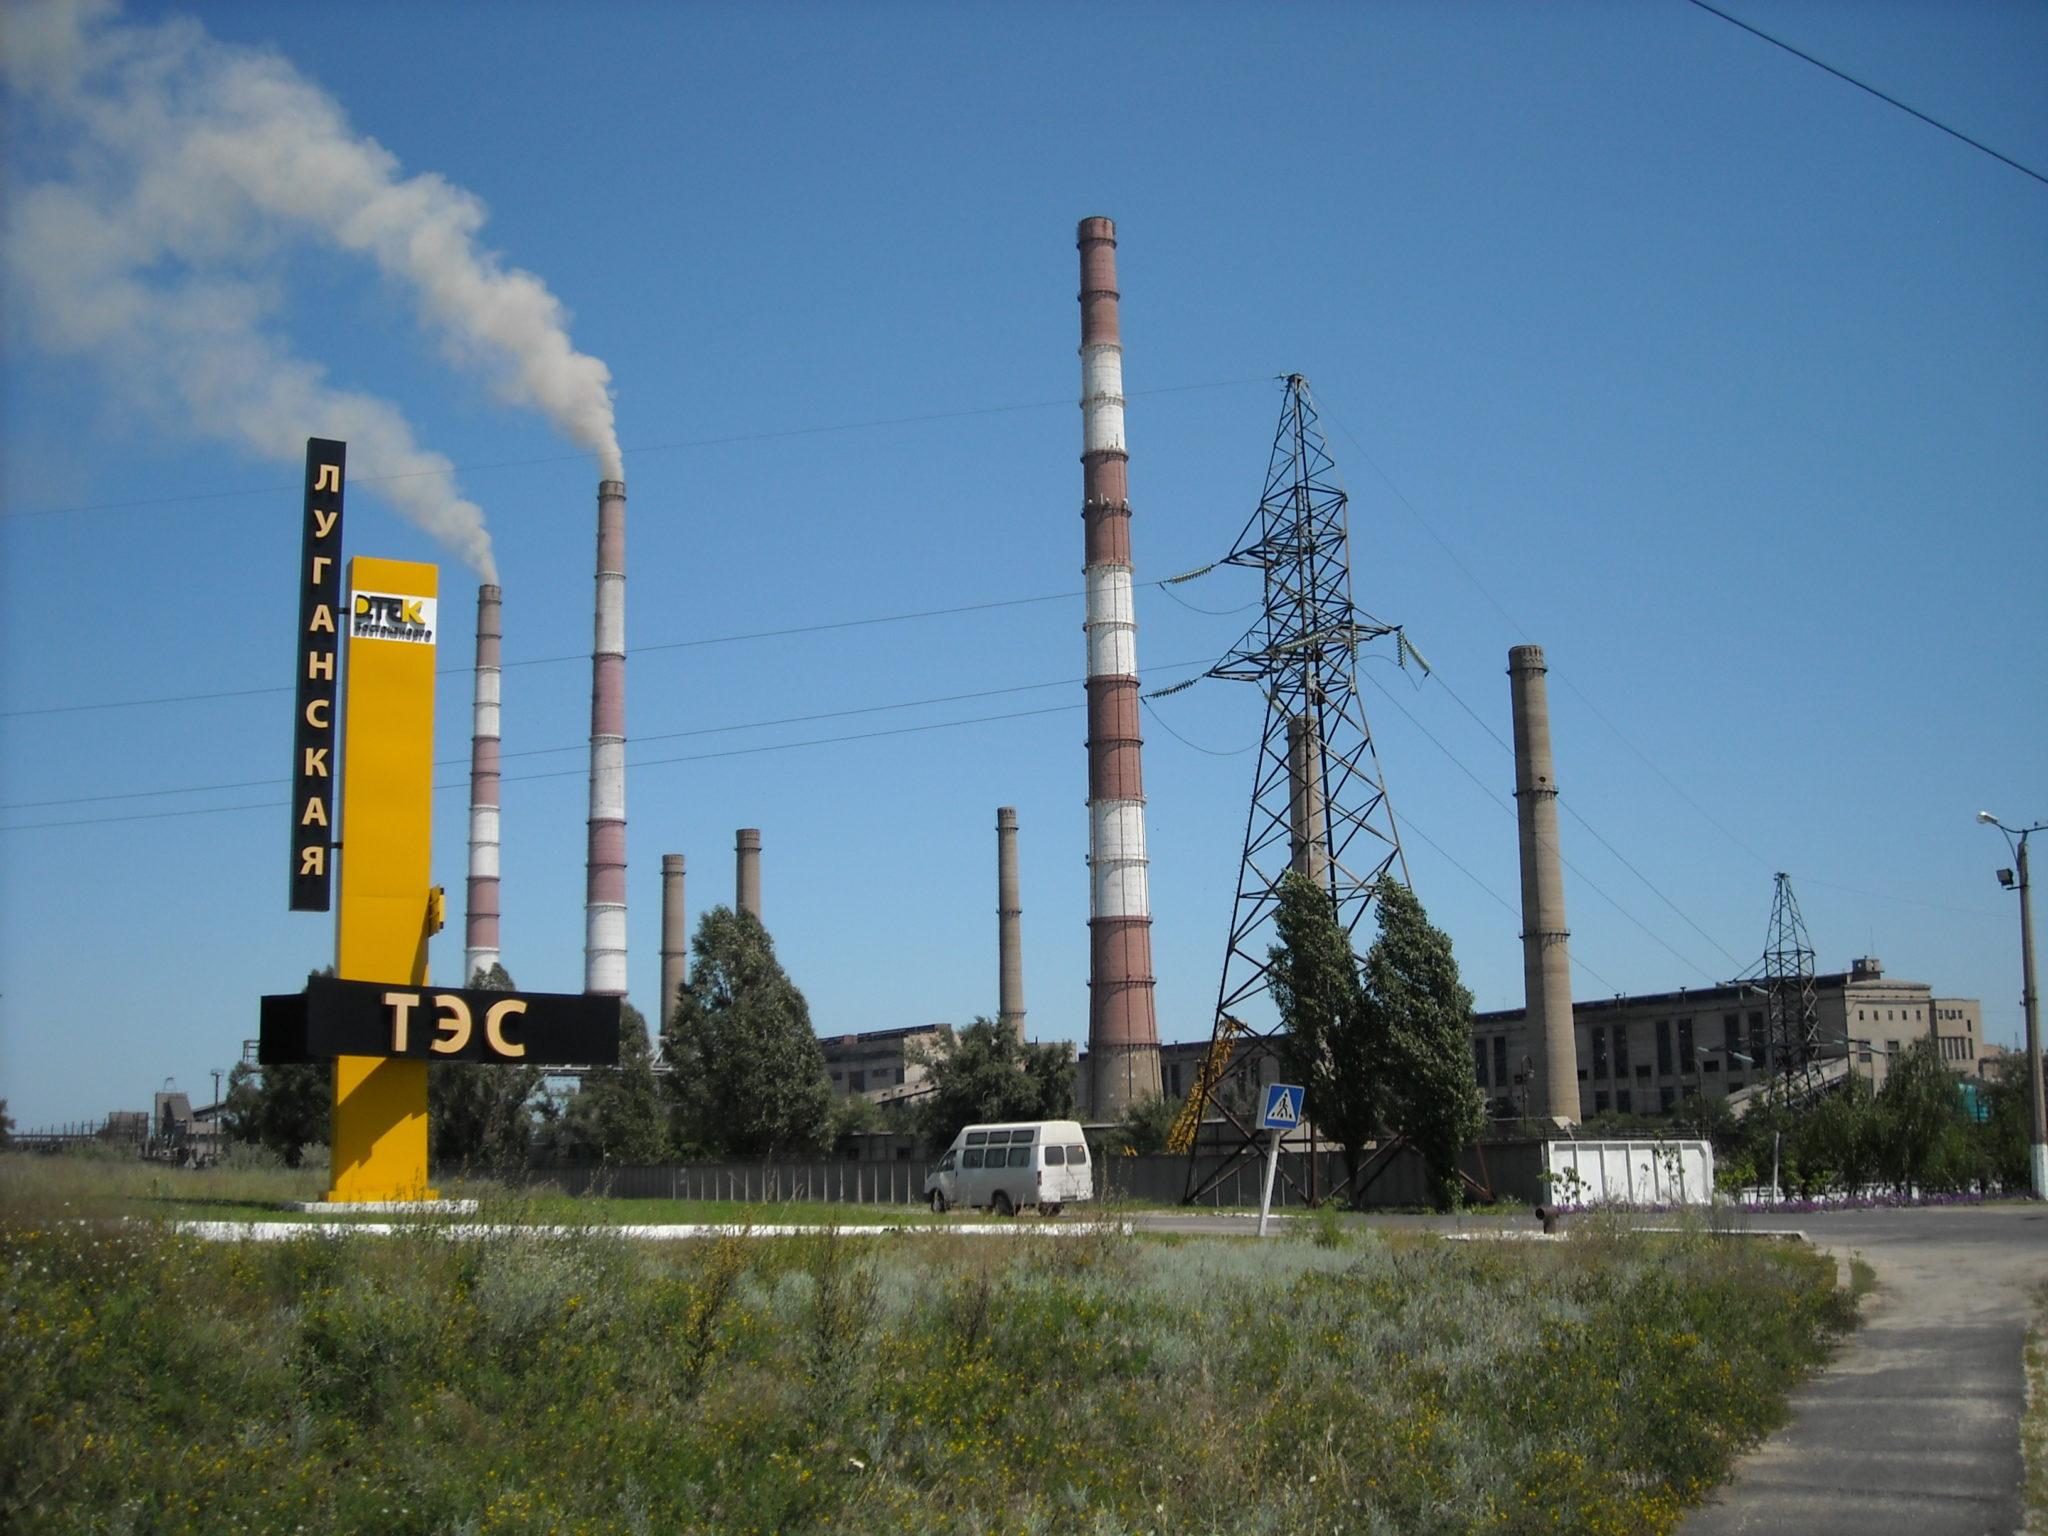 ТЭС Луганска переходят на газ из-за недостатка угля